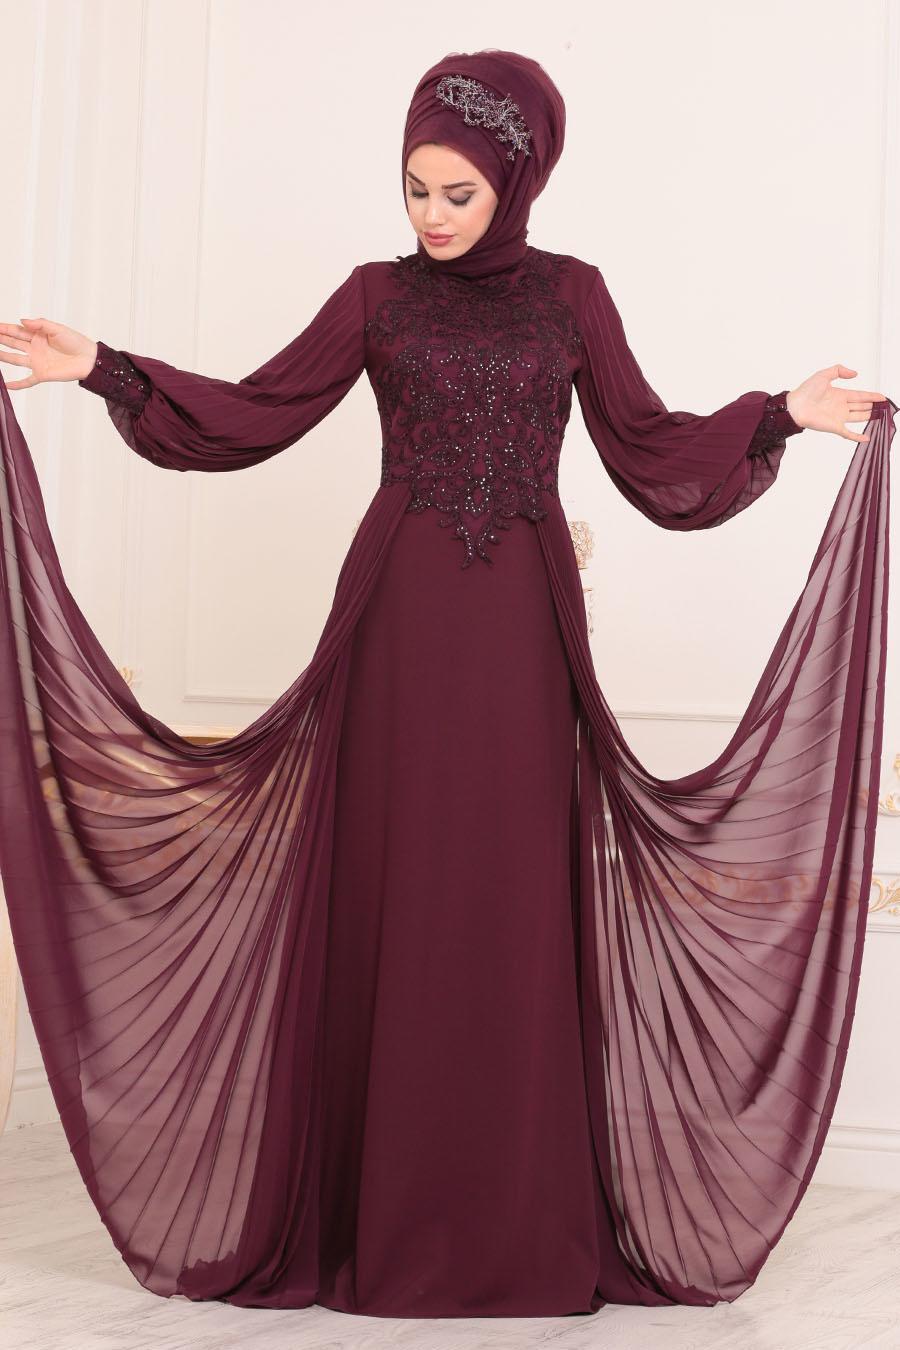 Tesettürlü Abiye Elbise - Dantel Detaylı Mürdüm Tesettür Abiye Elbise 46220MU